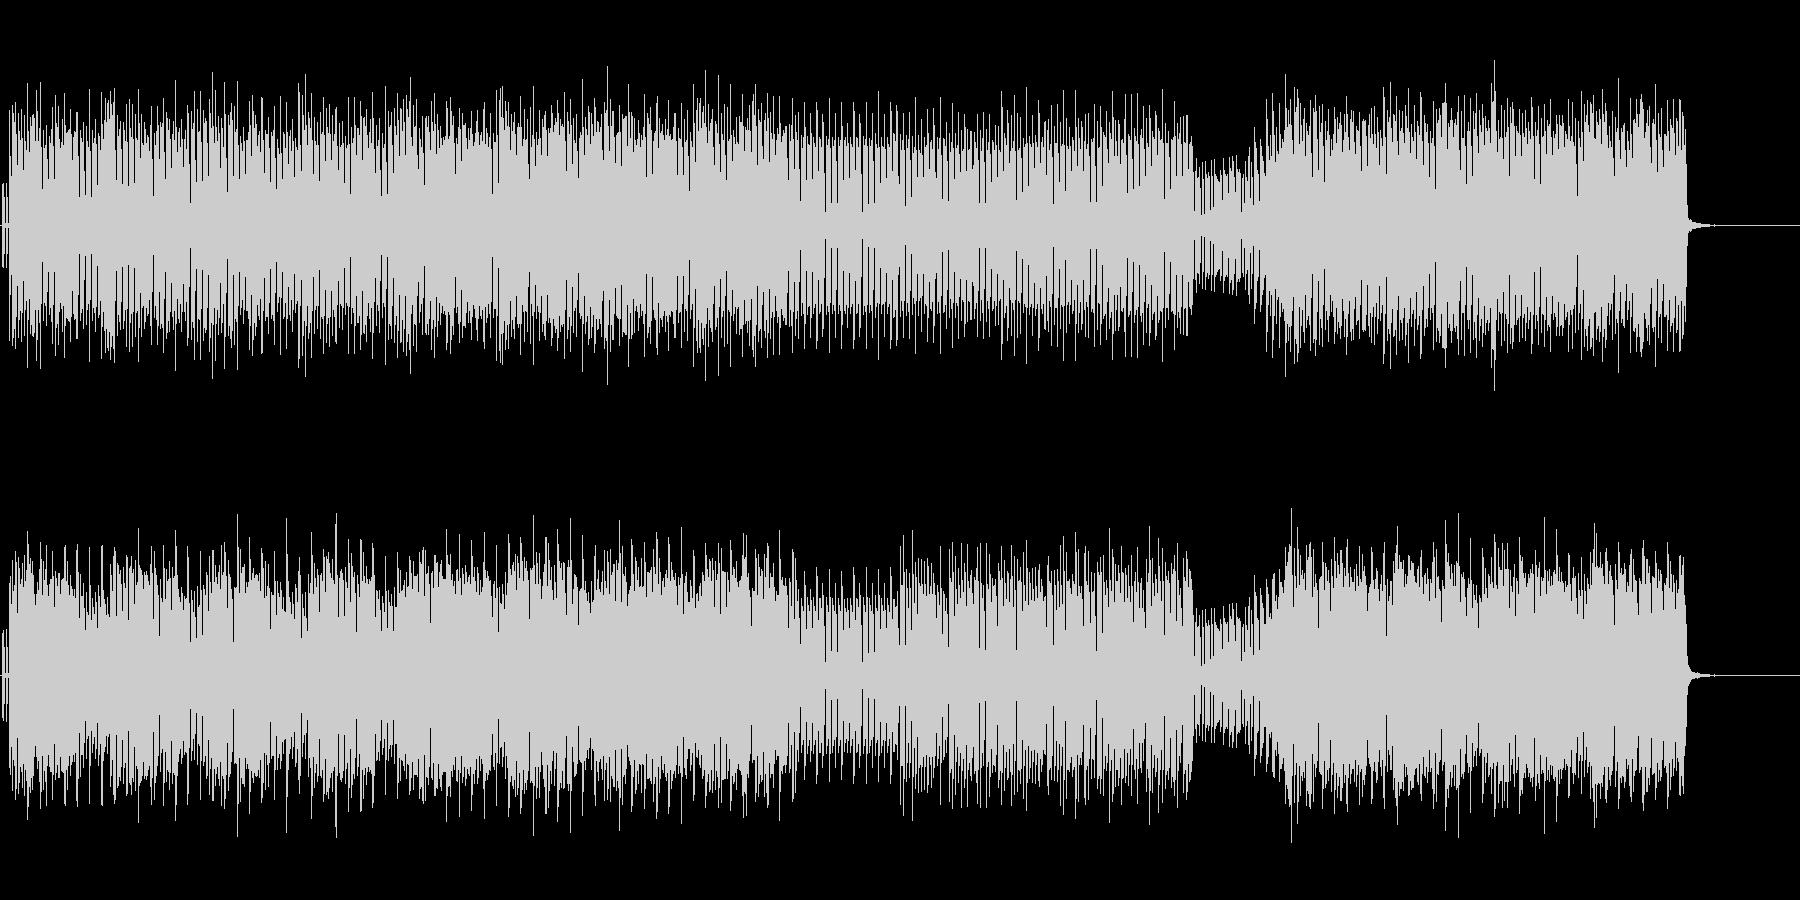 キラキラとのびやかな四つ打ちポップの未再生の波形